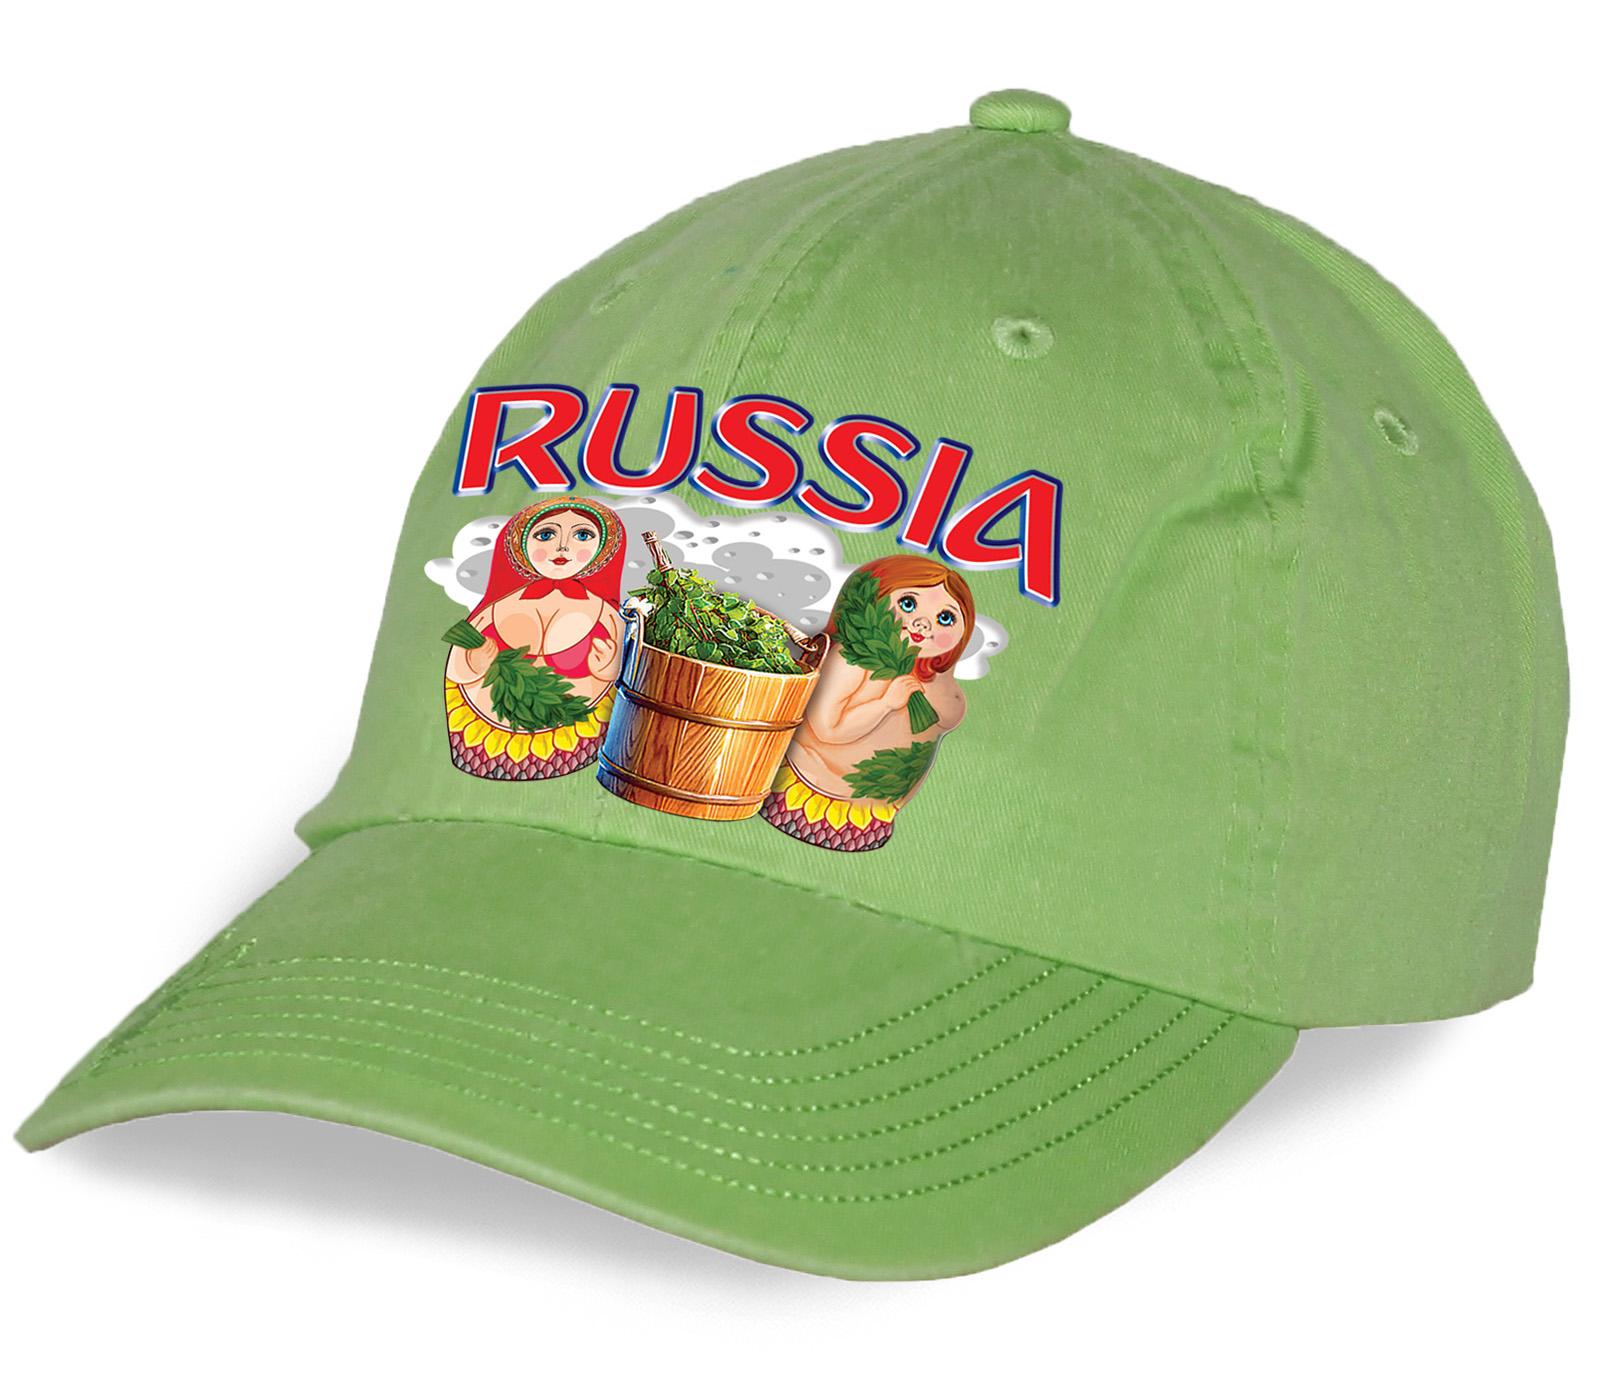 """Эффектная бейсболка """"Russia матрешки"""". Уникальная модель от дизайнера по привлекательной цене"""